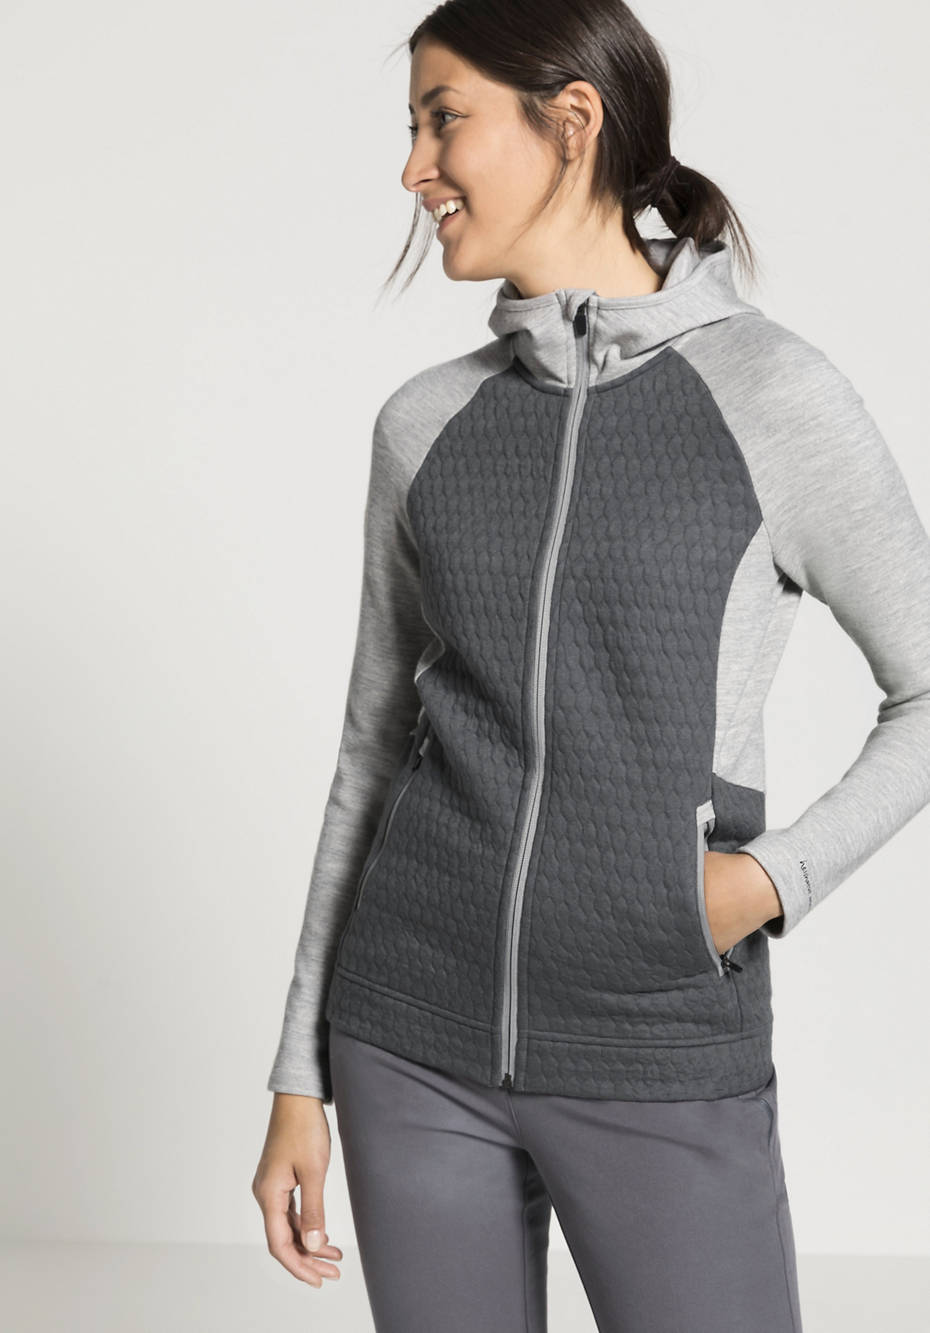 Damen Kapuzenjacke mit 3D-Struktur aus Bio-Baumwolle mit Bio-Schurwolle